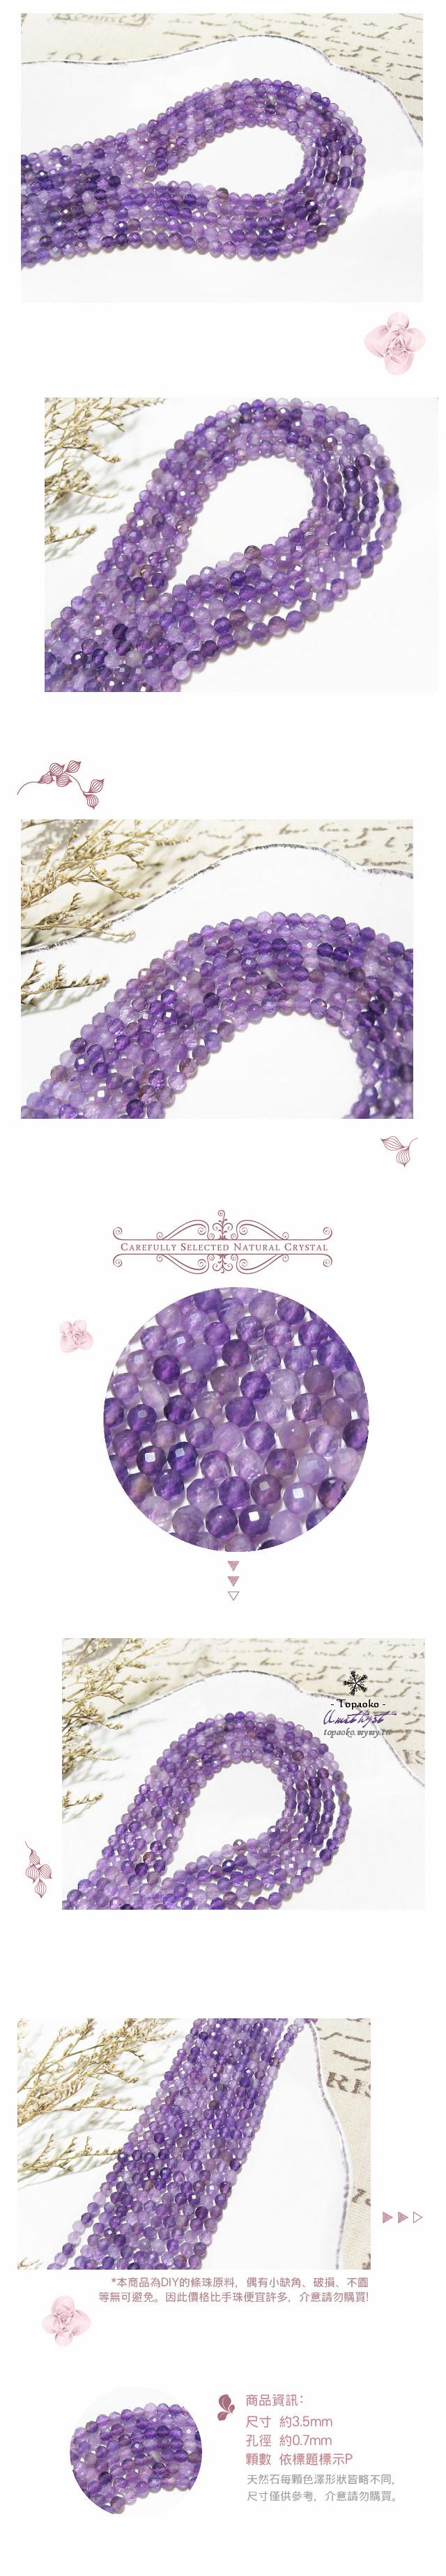 天然石.DIY串珠 天然漸變色紫水晶切面圓珠24P【F9452】約3.5mm紫晶切角條珠散珠《晶格格的多寶格》